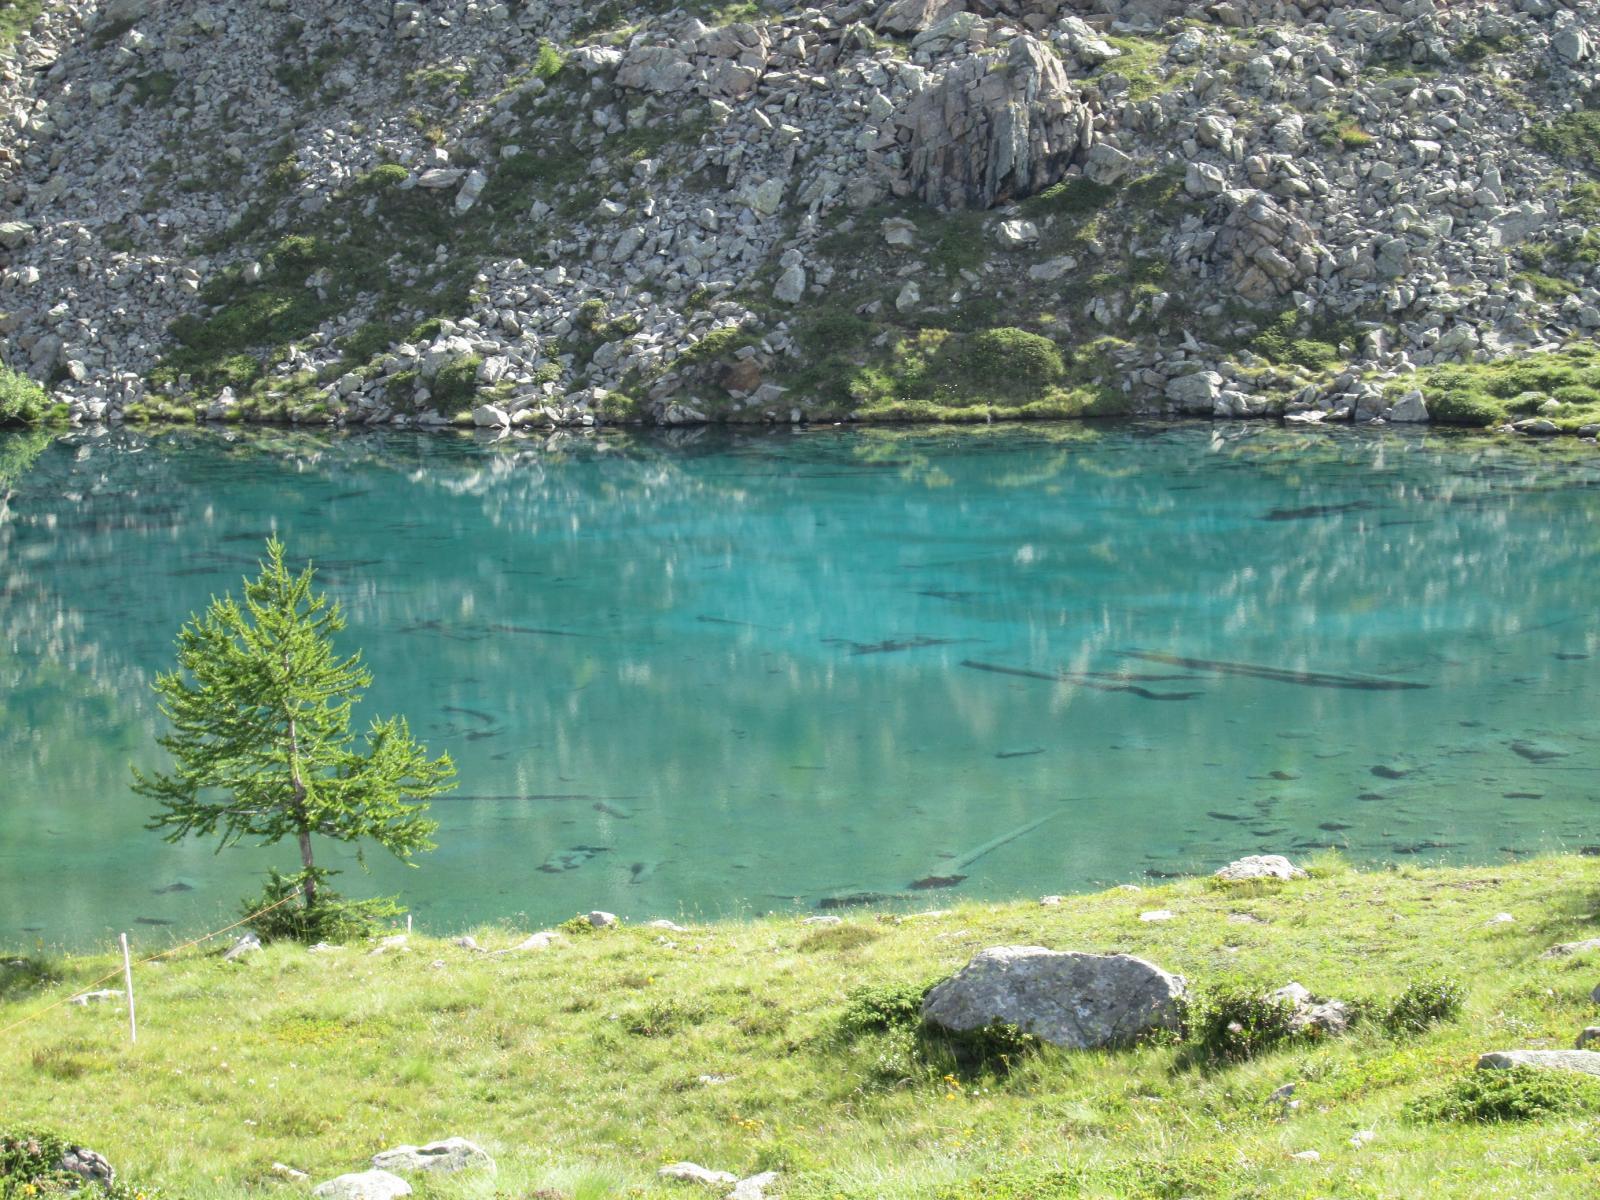 lago muffe'